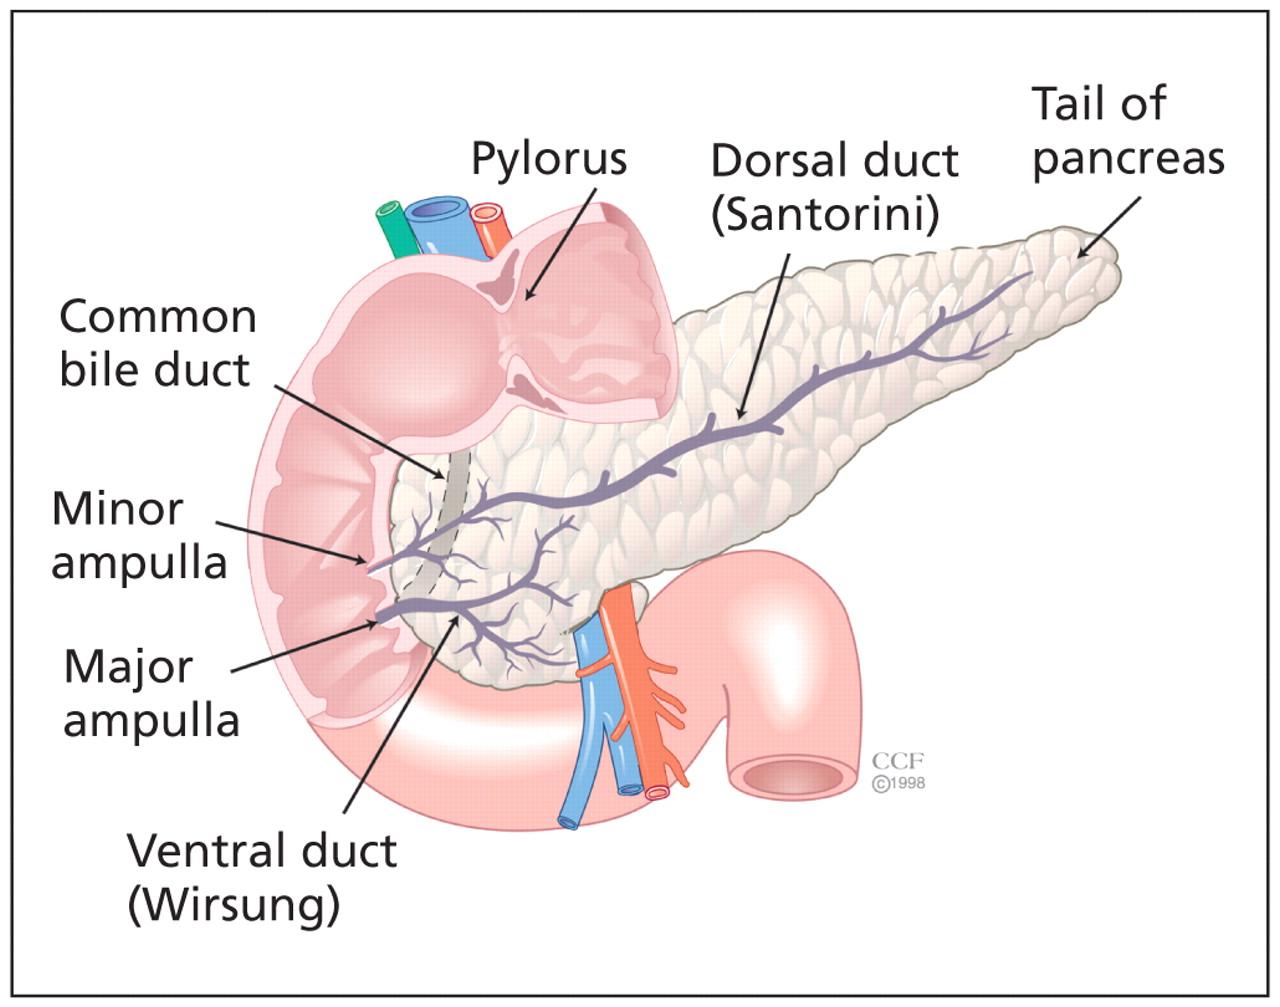 Pancreas divisum: a cause of idiopathic acute pancreatitis | CMAJ